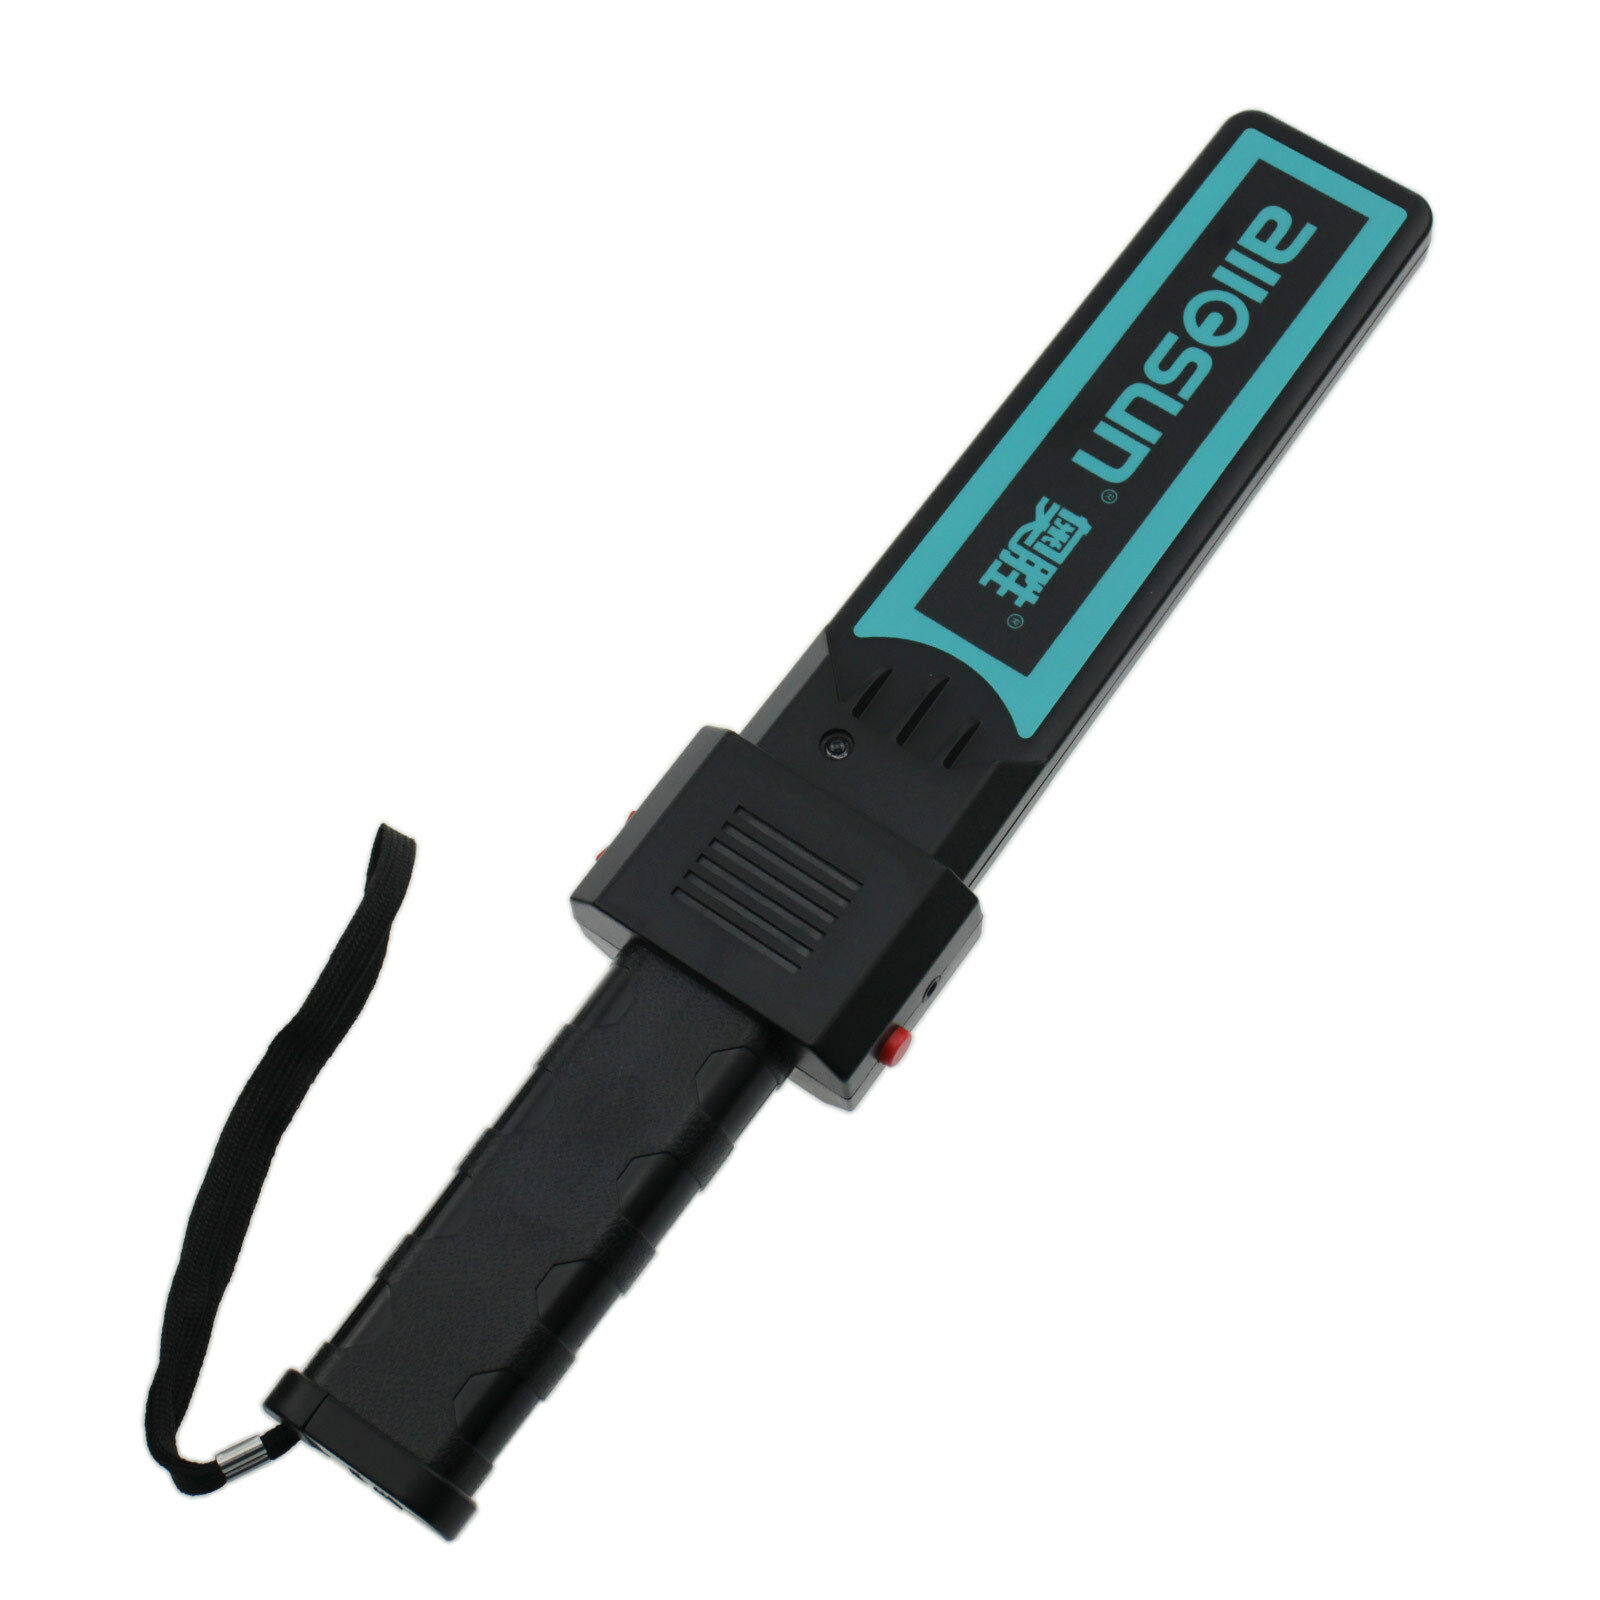 как выглядит Металлоискатель (Металлодетектор) Portable High Sensitivity Security Scanner Pro Body Scanner Wand Metal Detector фото